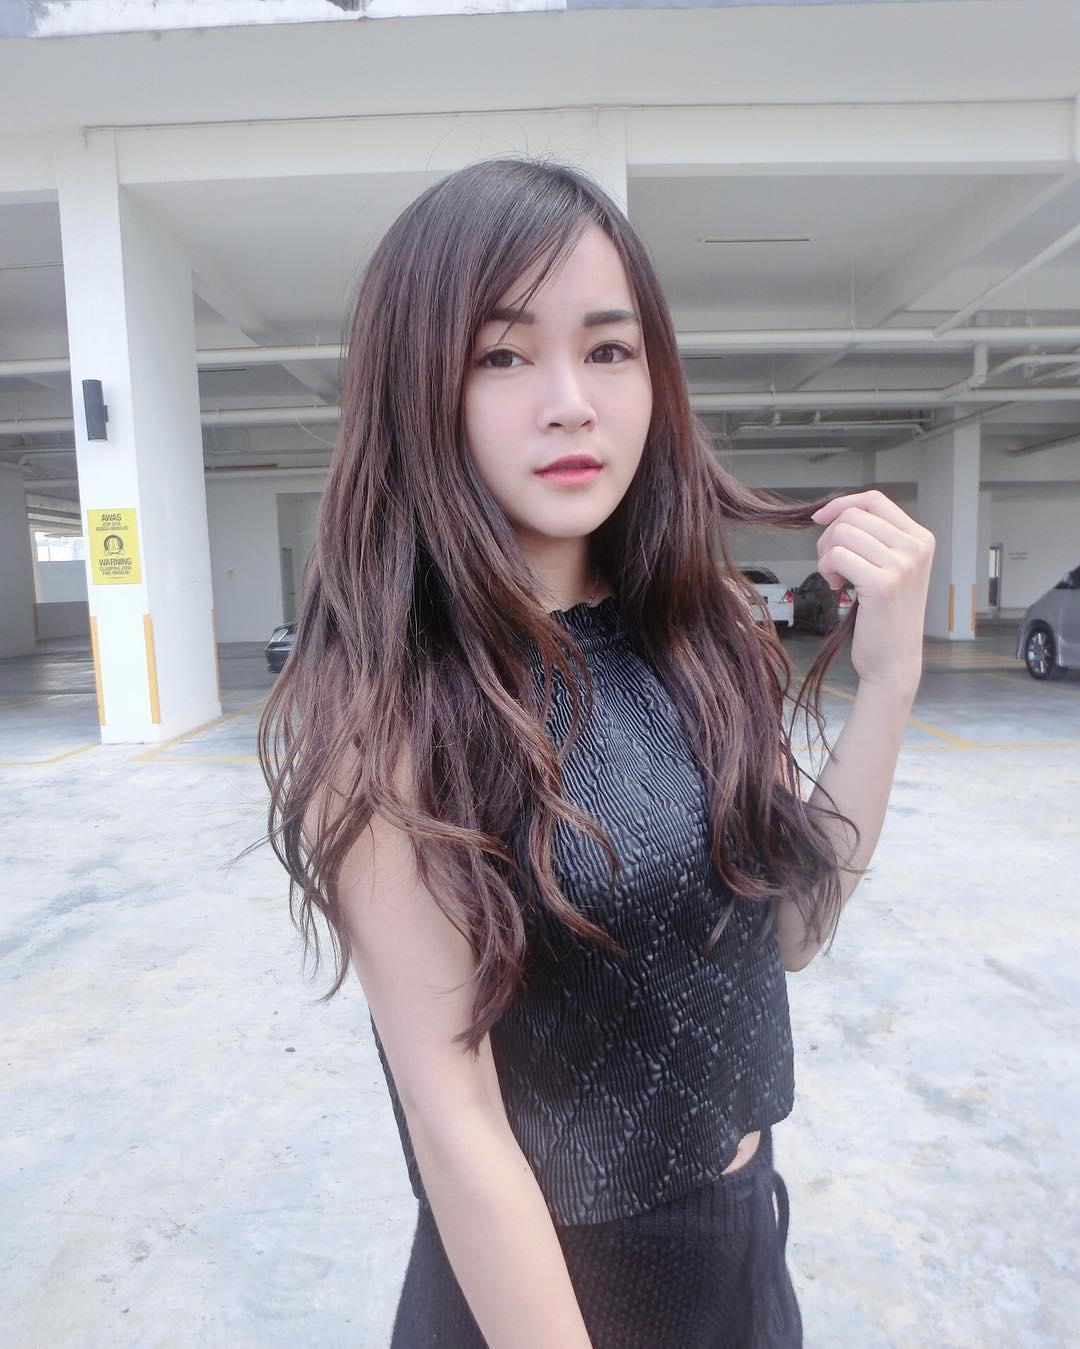 Gan Sze Yee